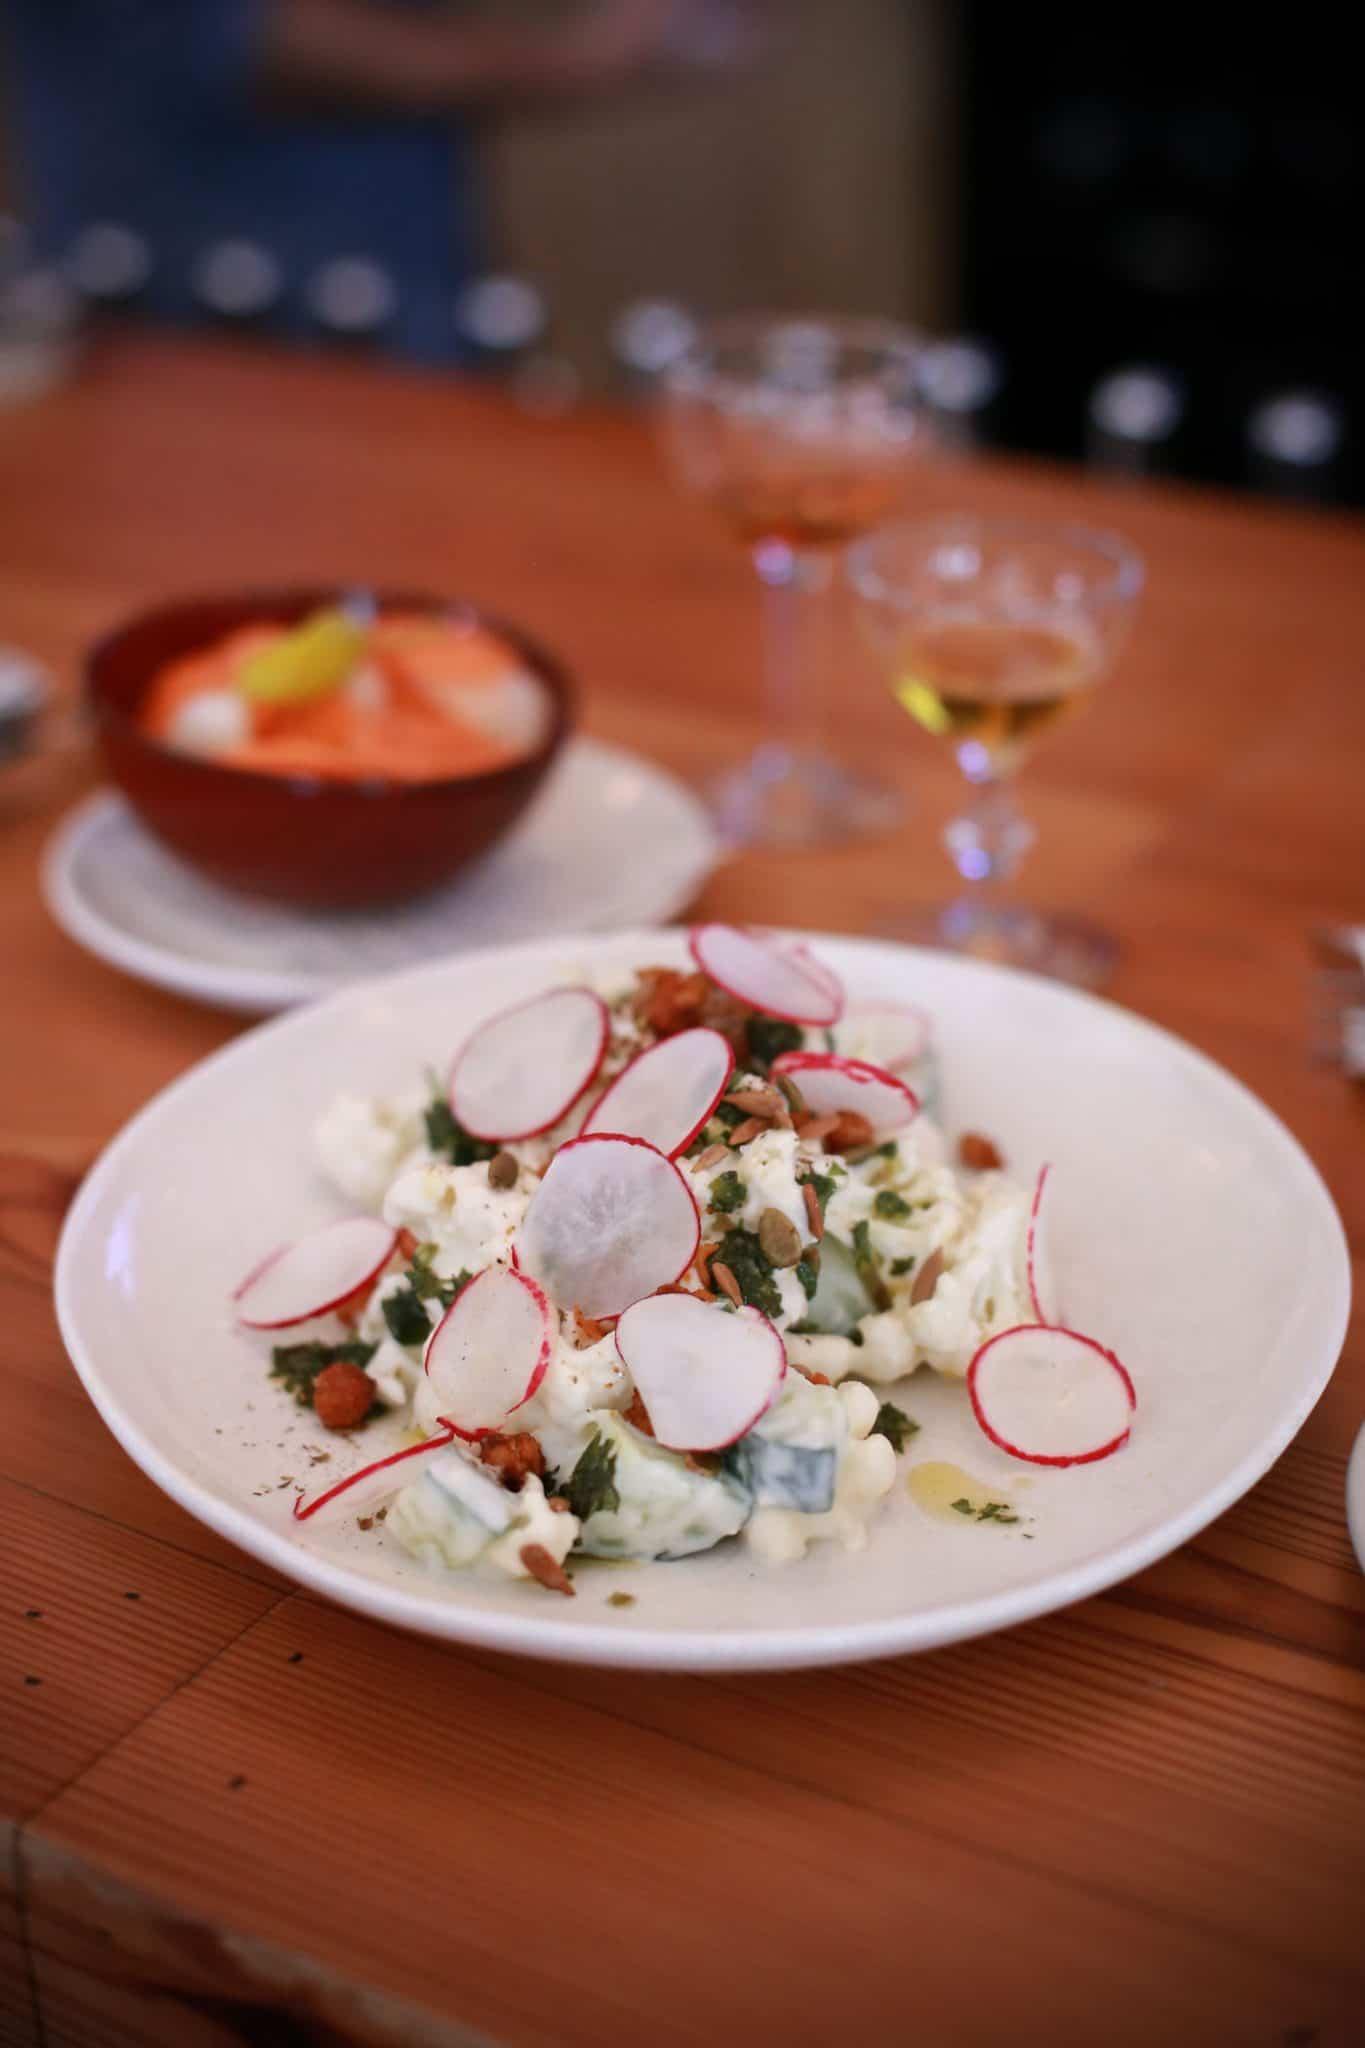 Best Restaurants In Stowe Vermont